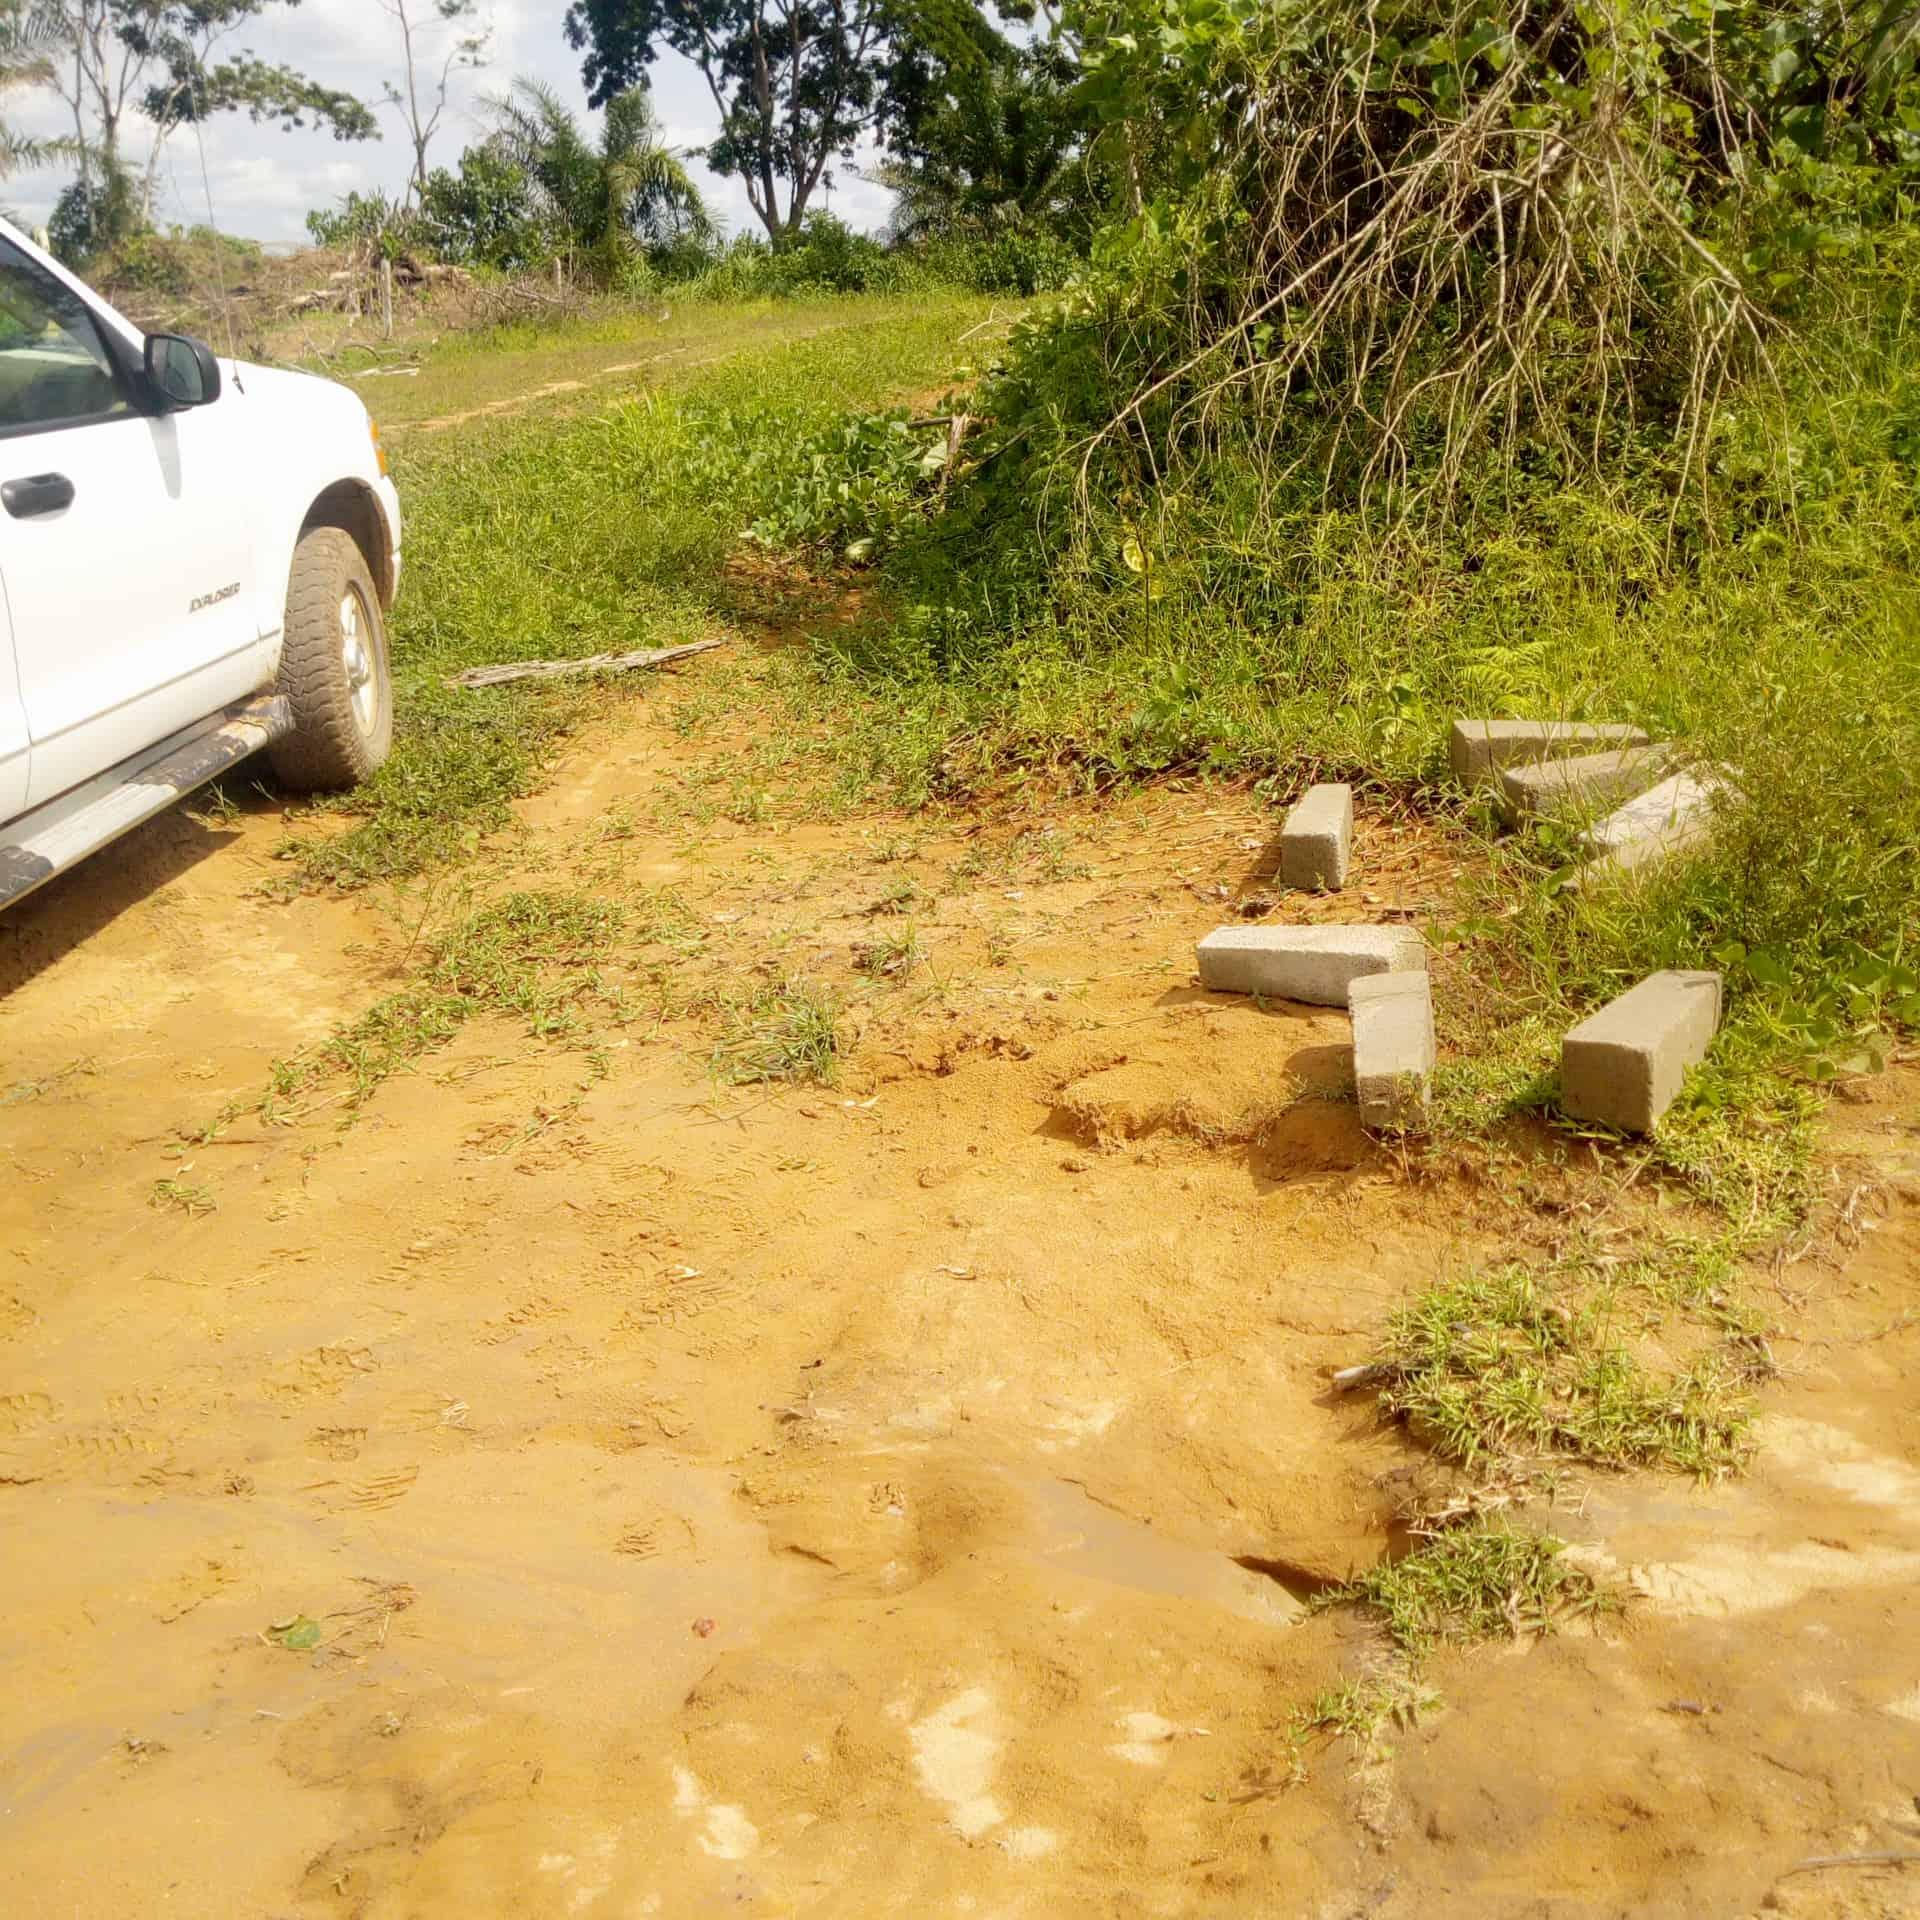 Land for sale at Douala, PK 26, Pk26 - 2000 m2 - 50 000 000 FCFA